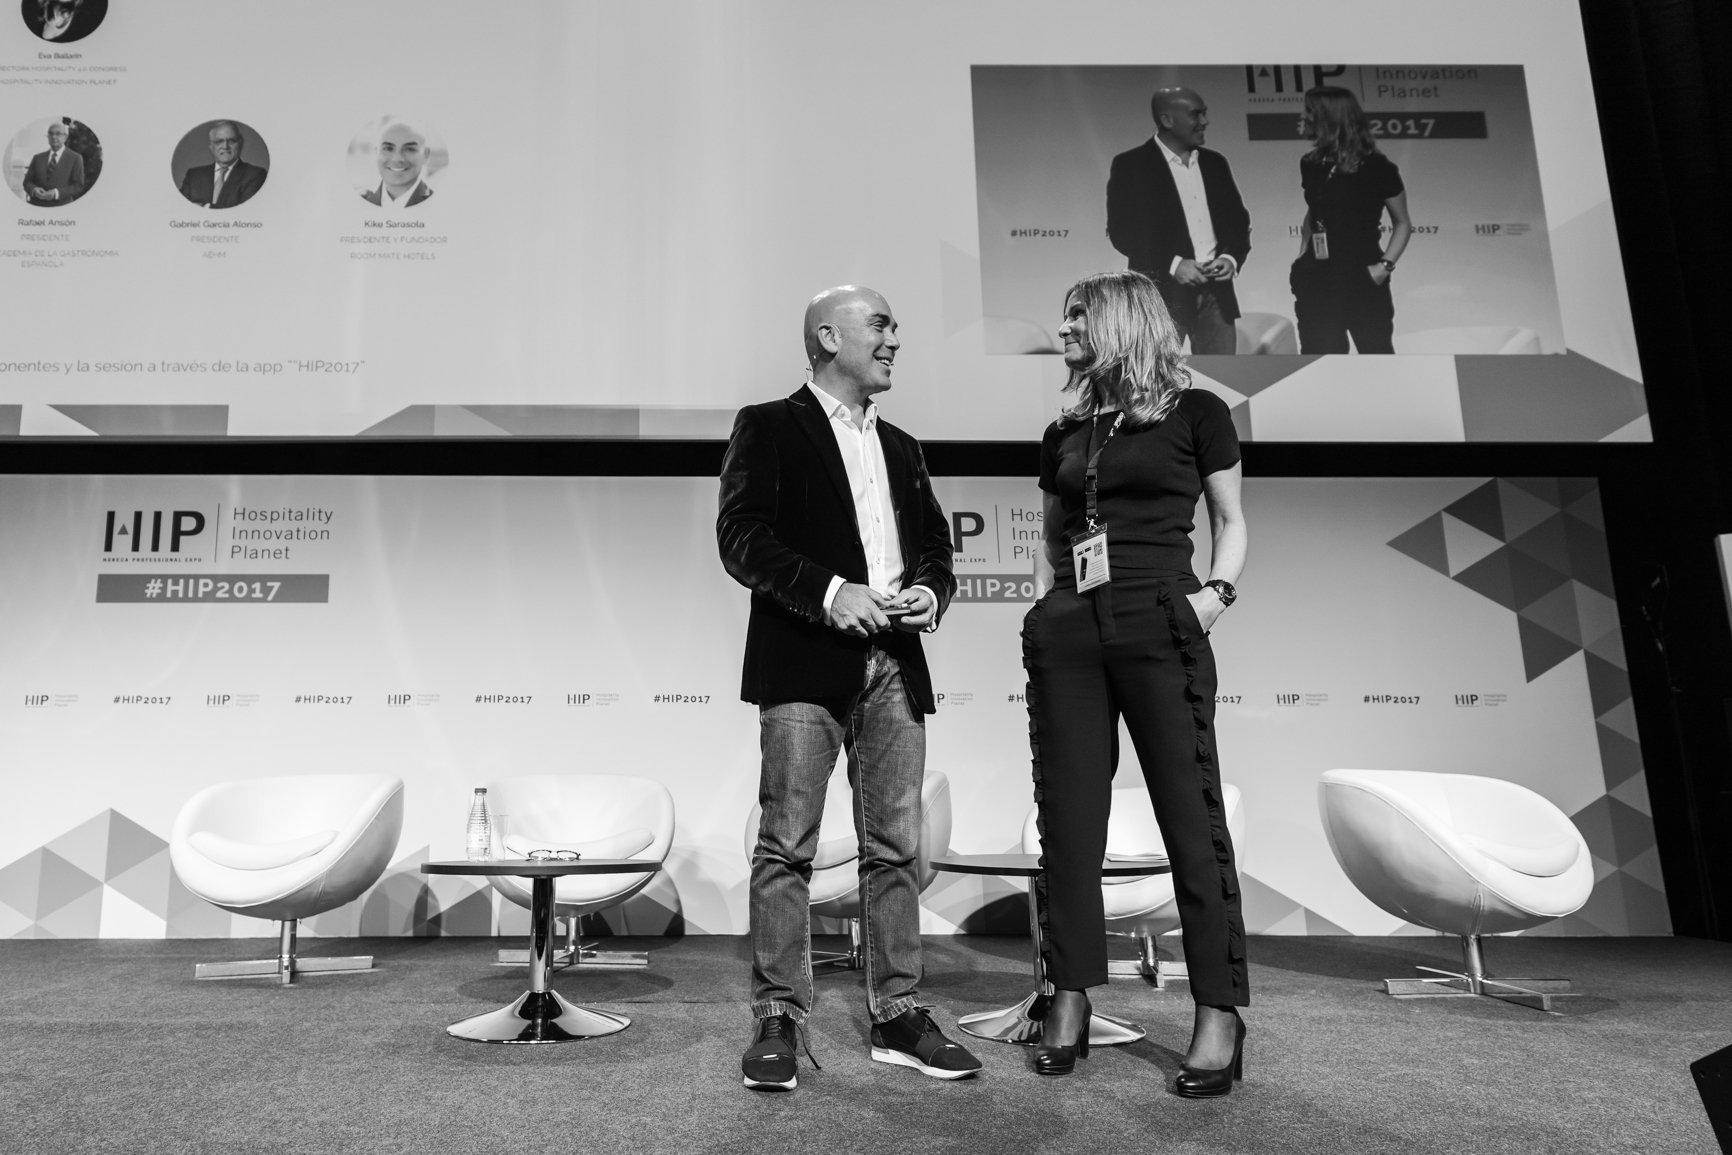 Innovar para transformar: la disrupción llega al Hotel